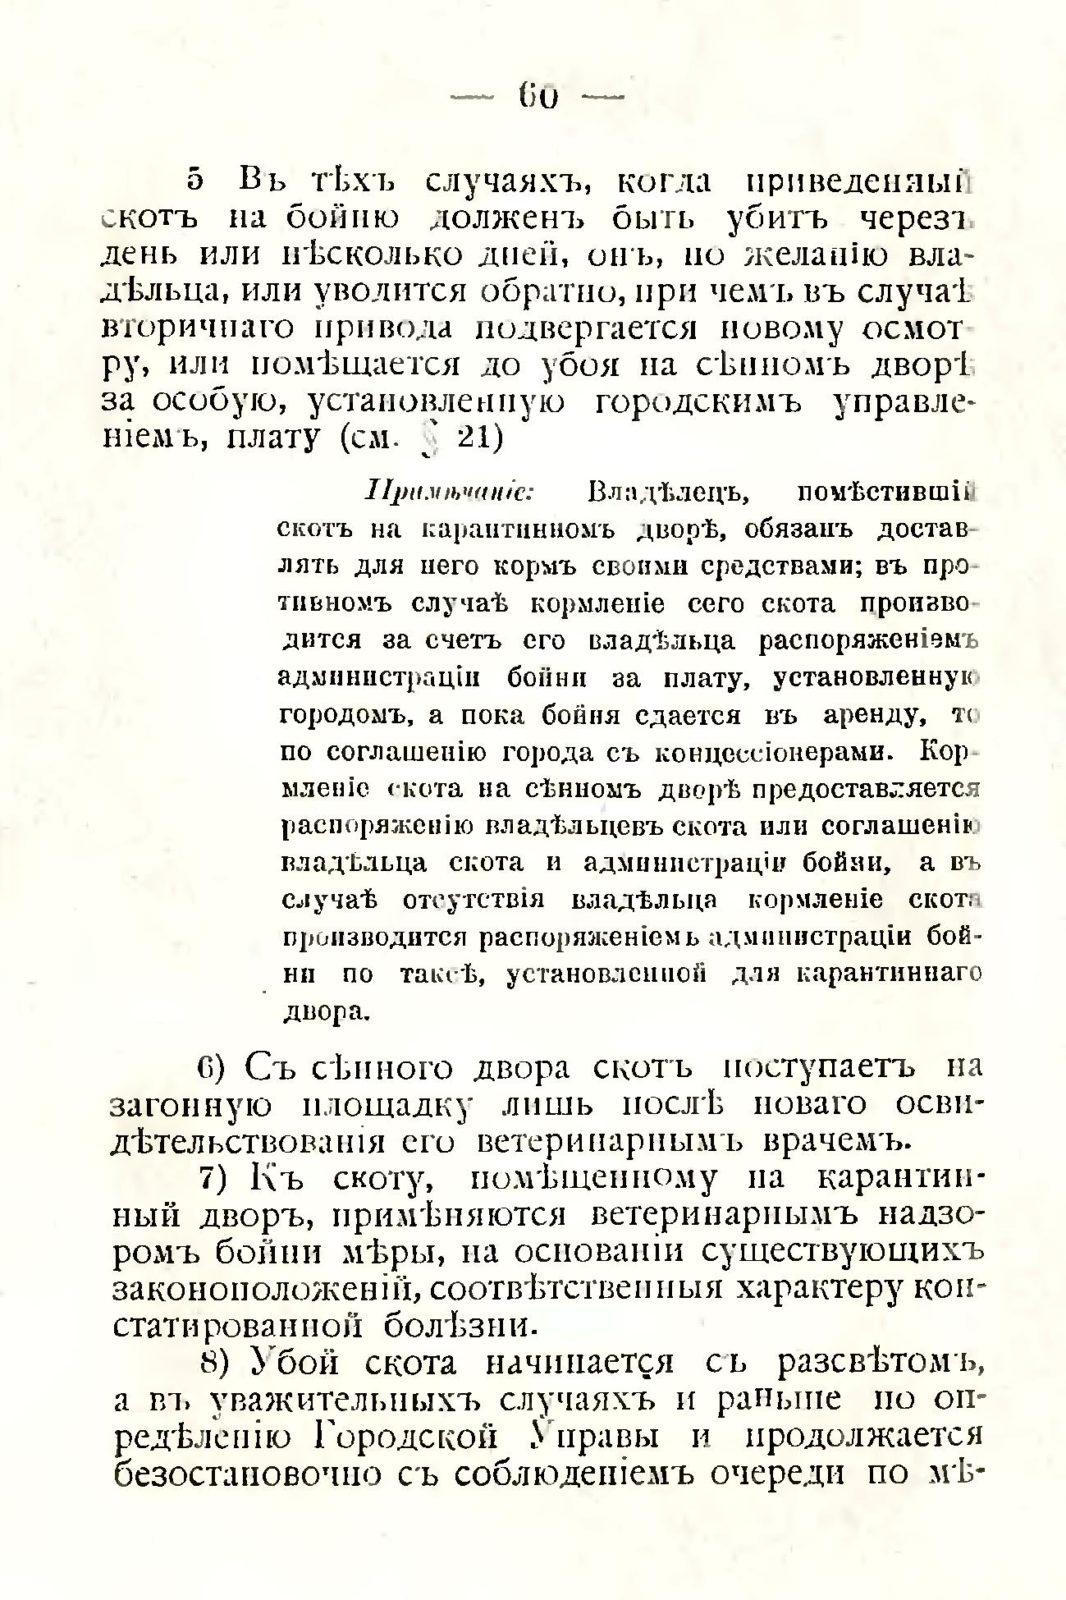 sbornik_obyazatelnyh_postanovlenii_tashkentskoi_gorodskoi_du_64